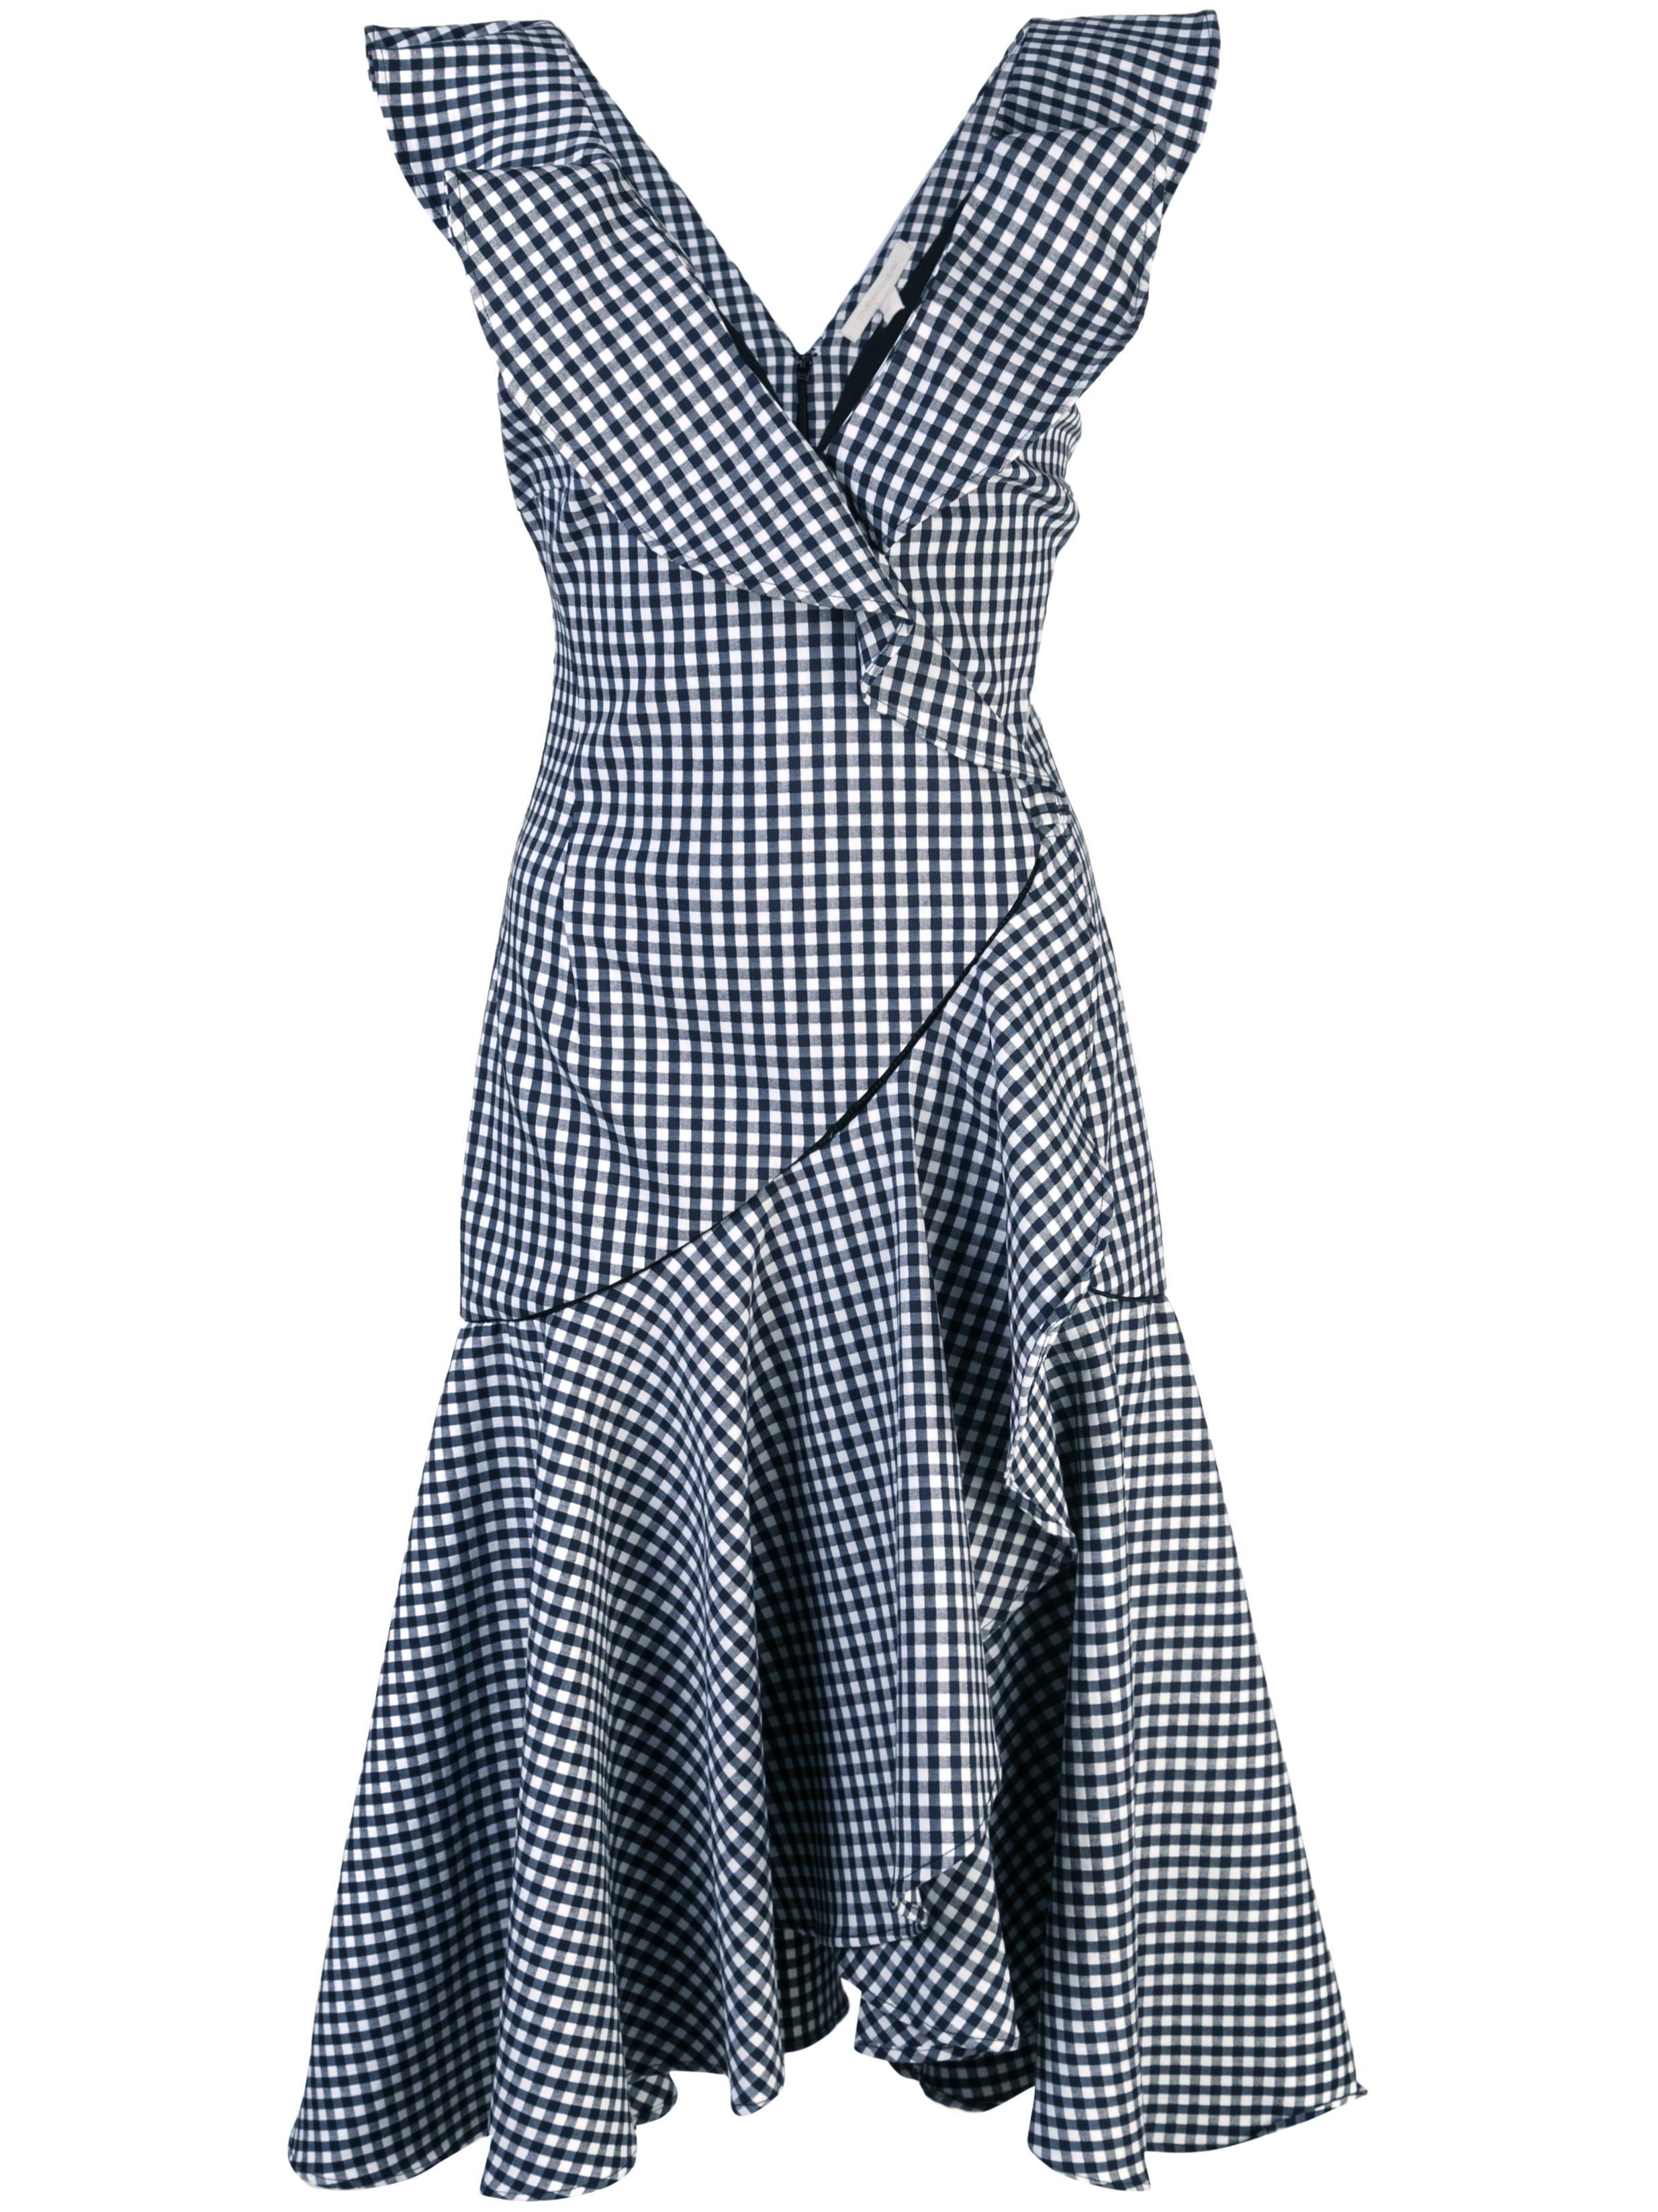 Seersucker Gingham Ruffle V- Neck Dress Item # Z1031-G